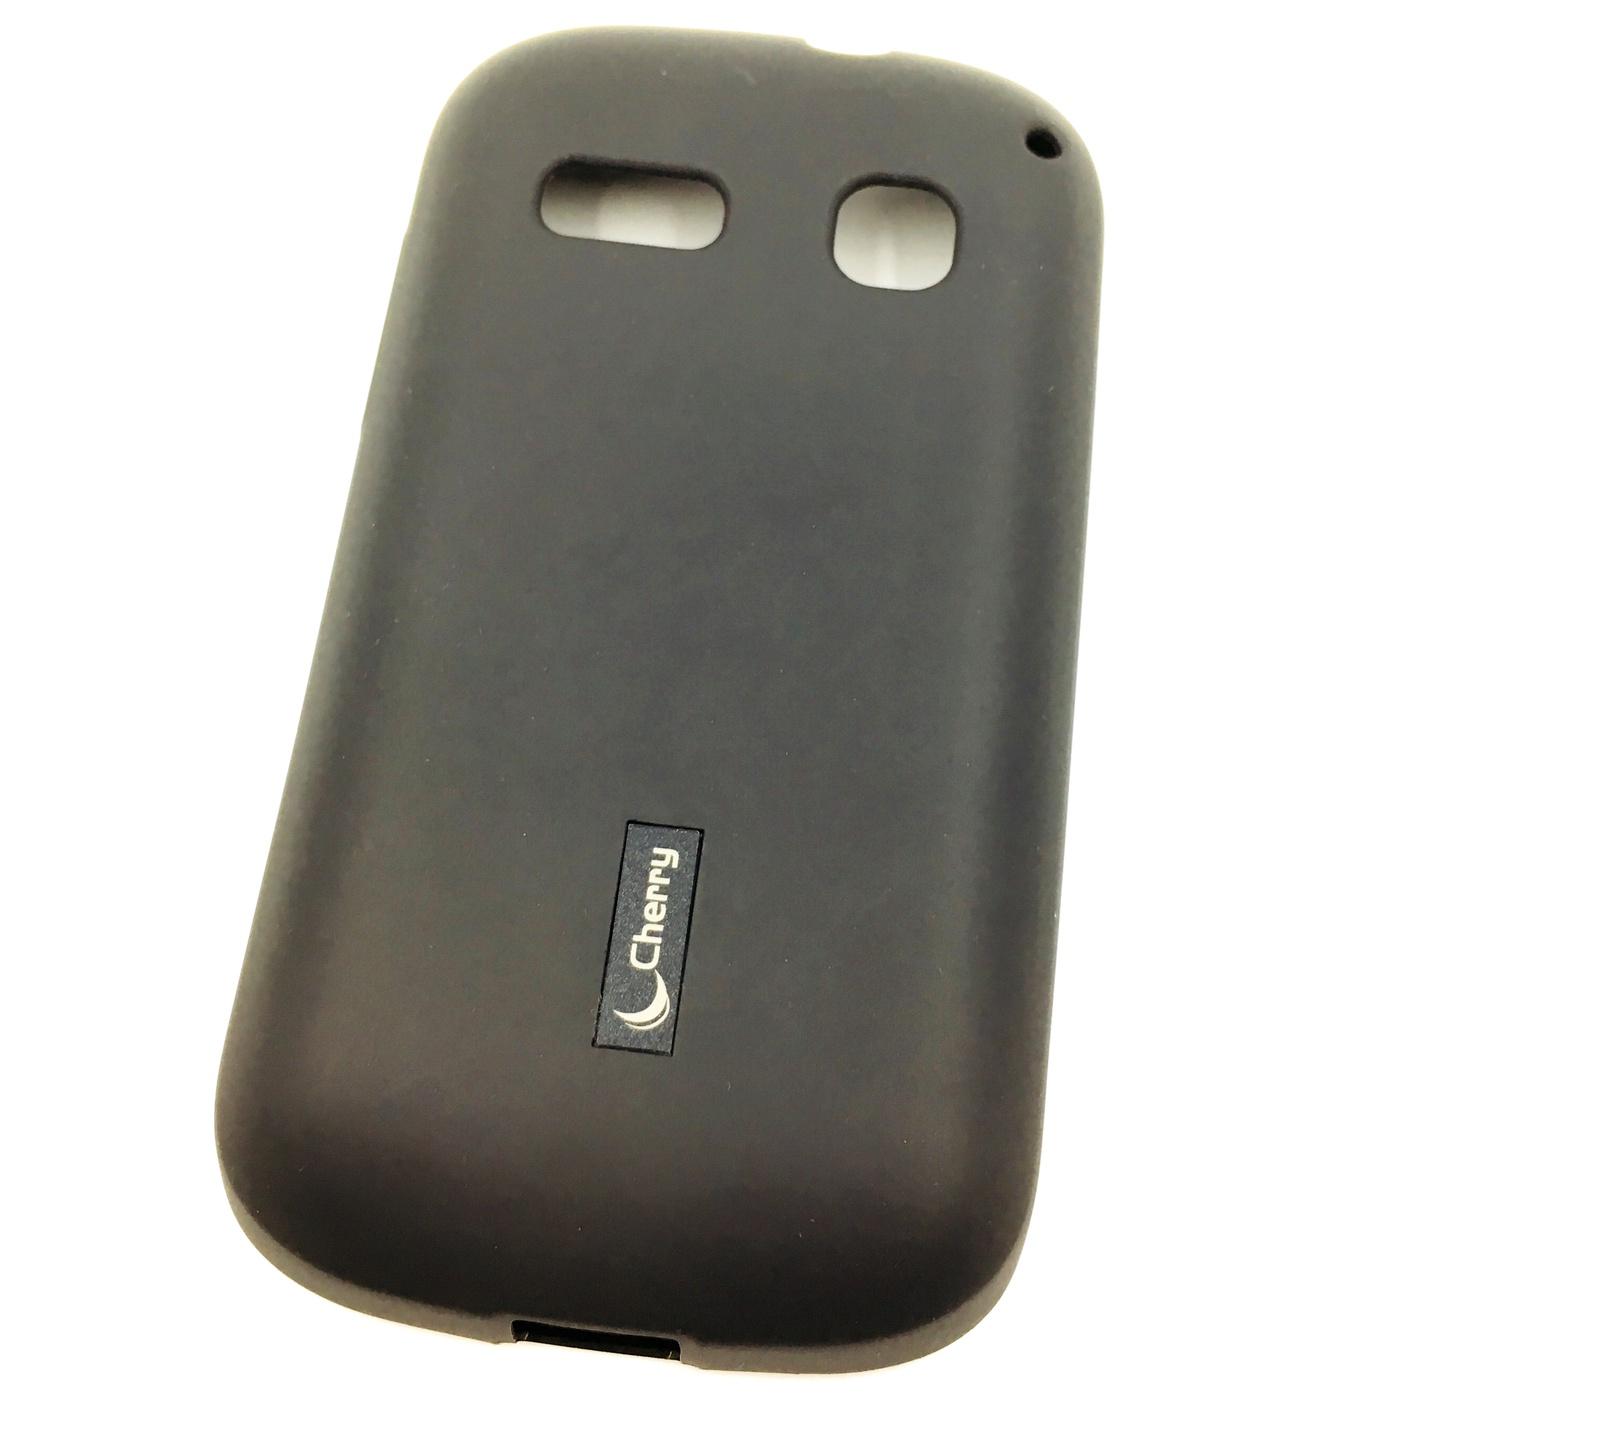 все цены на Чехол для сотового телефона Cherry Alcatel C3/OT4033D Накладка резиновая с пленкой на экран, черный онлайн